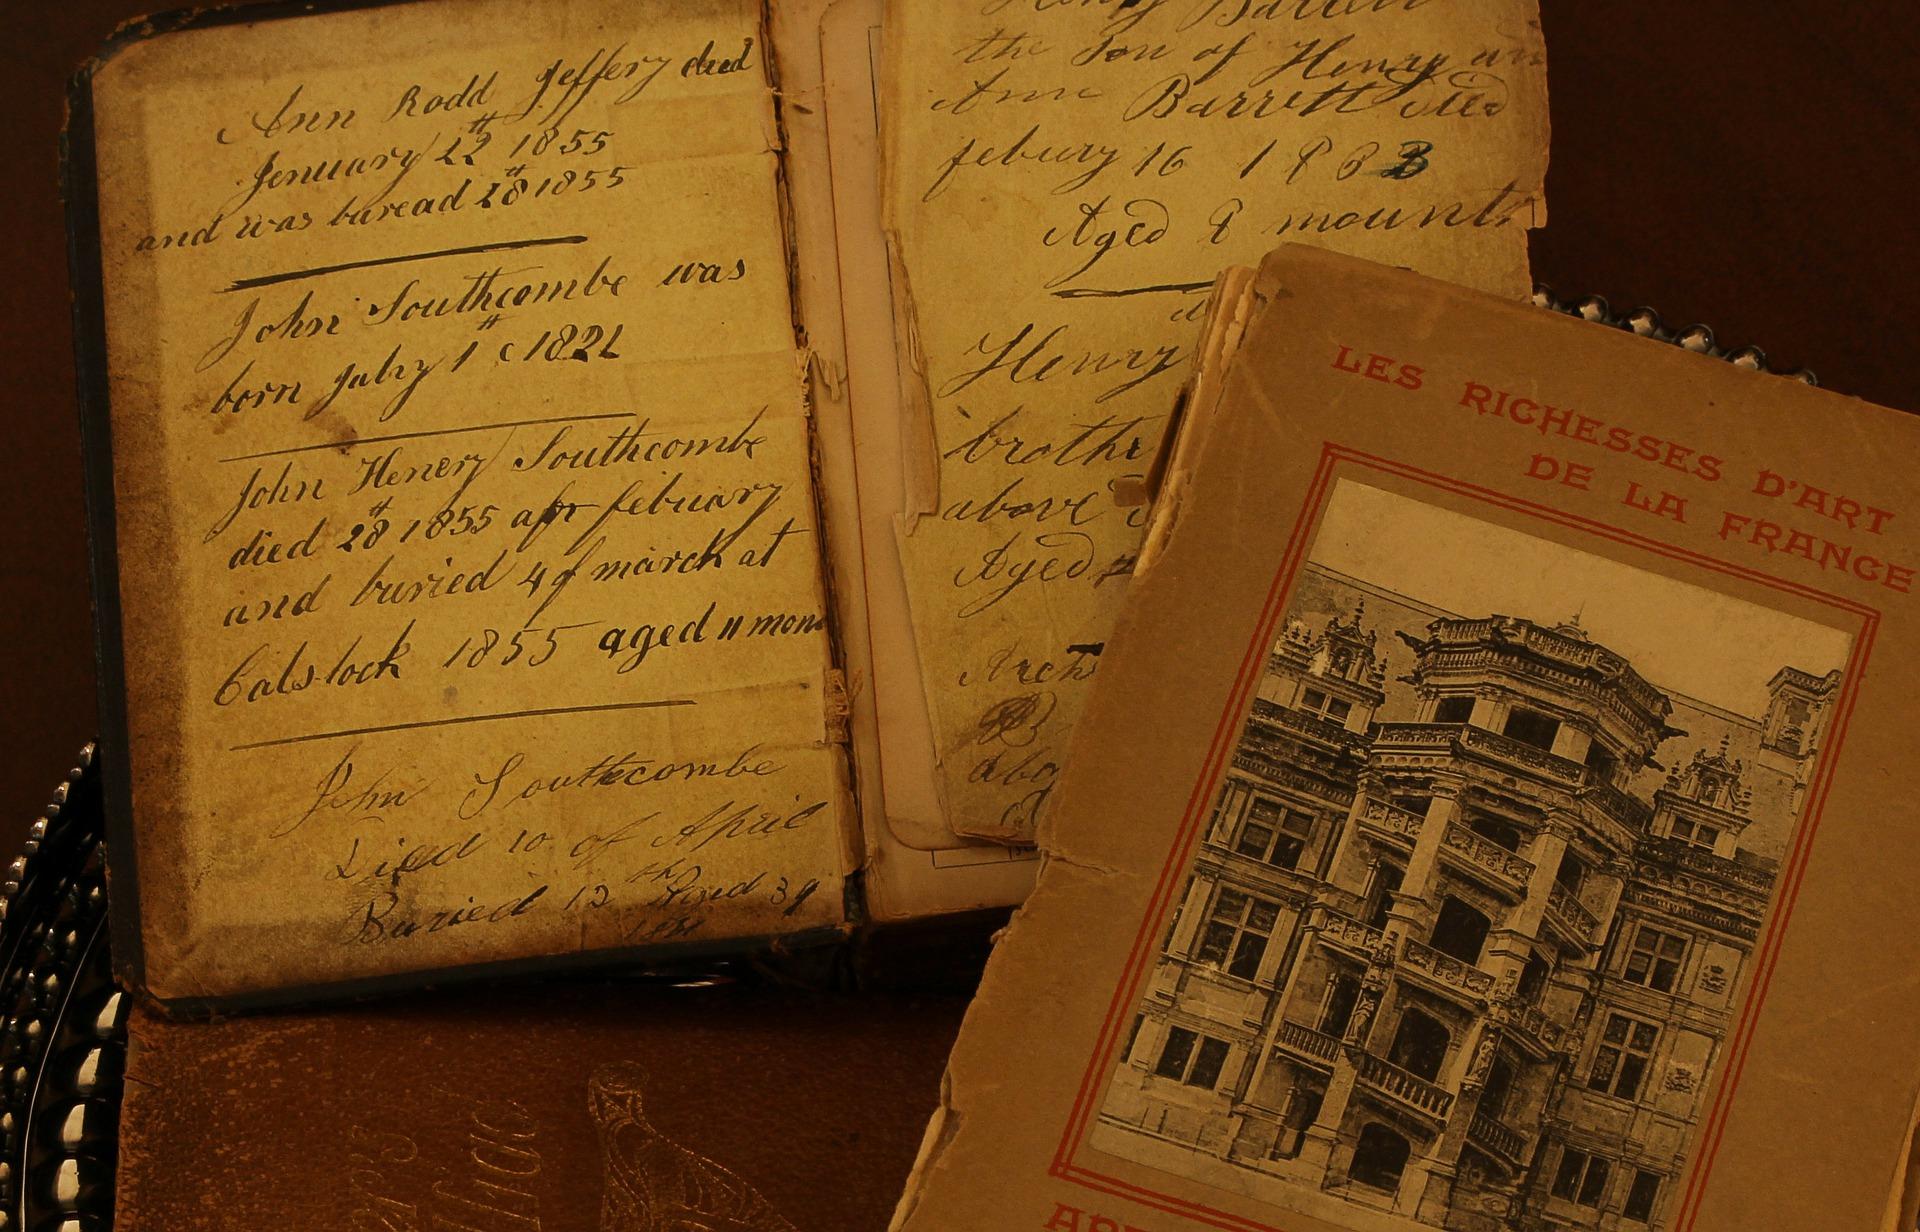 antique-books-101577_1920.jpg